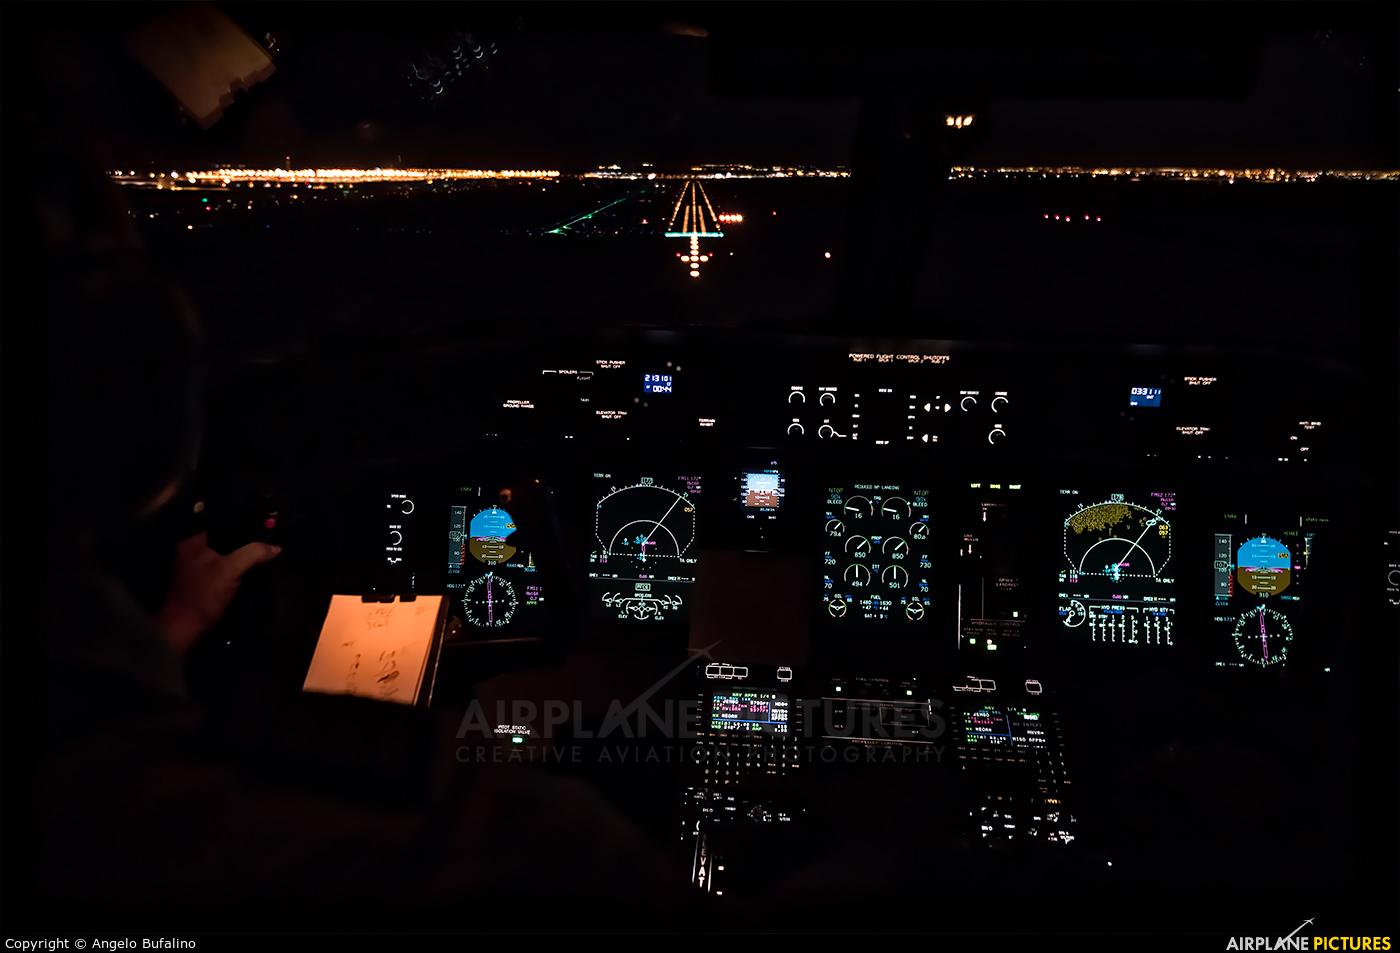 United Express N346NG aircraft at In Flight - Colorado